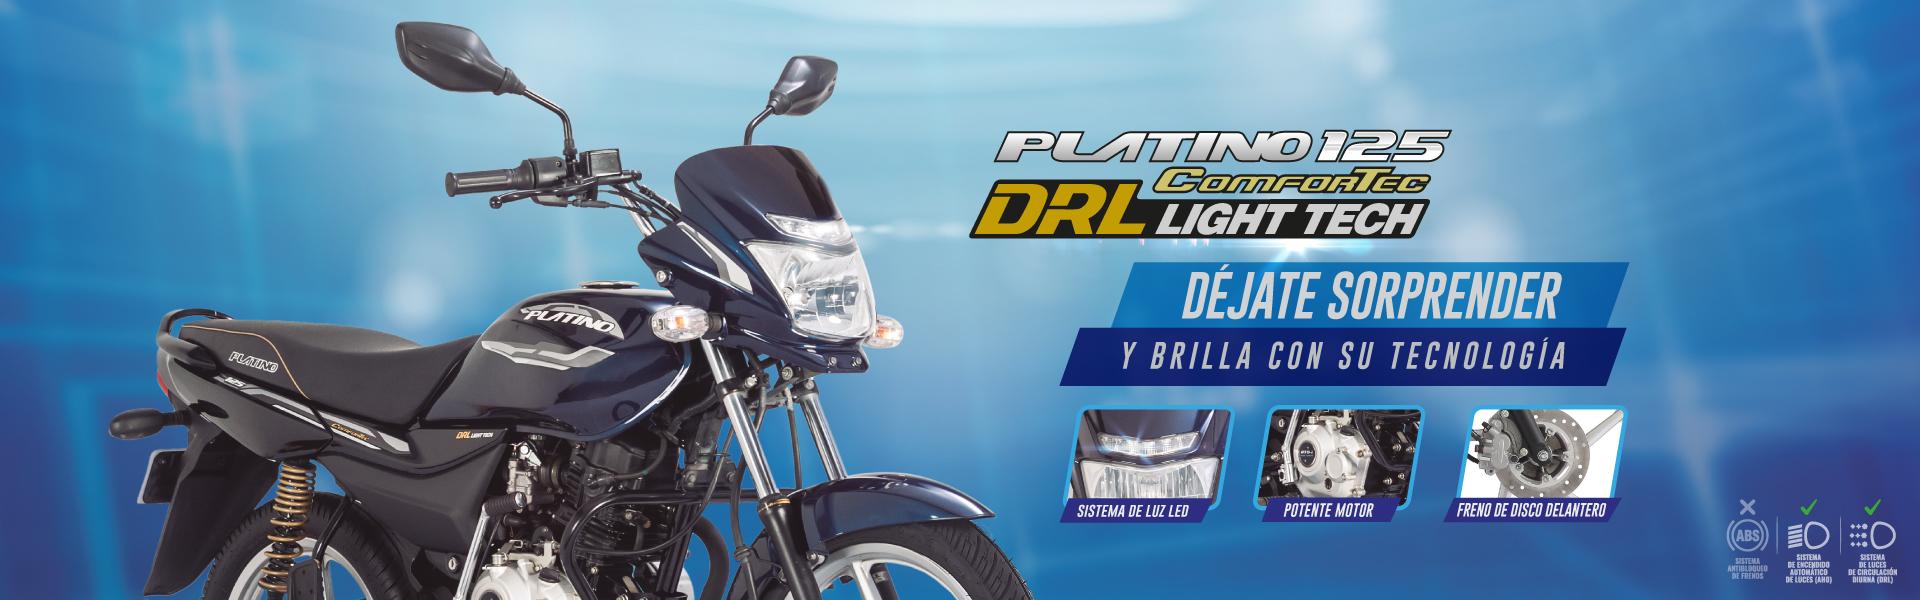 Banner Motos Platino